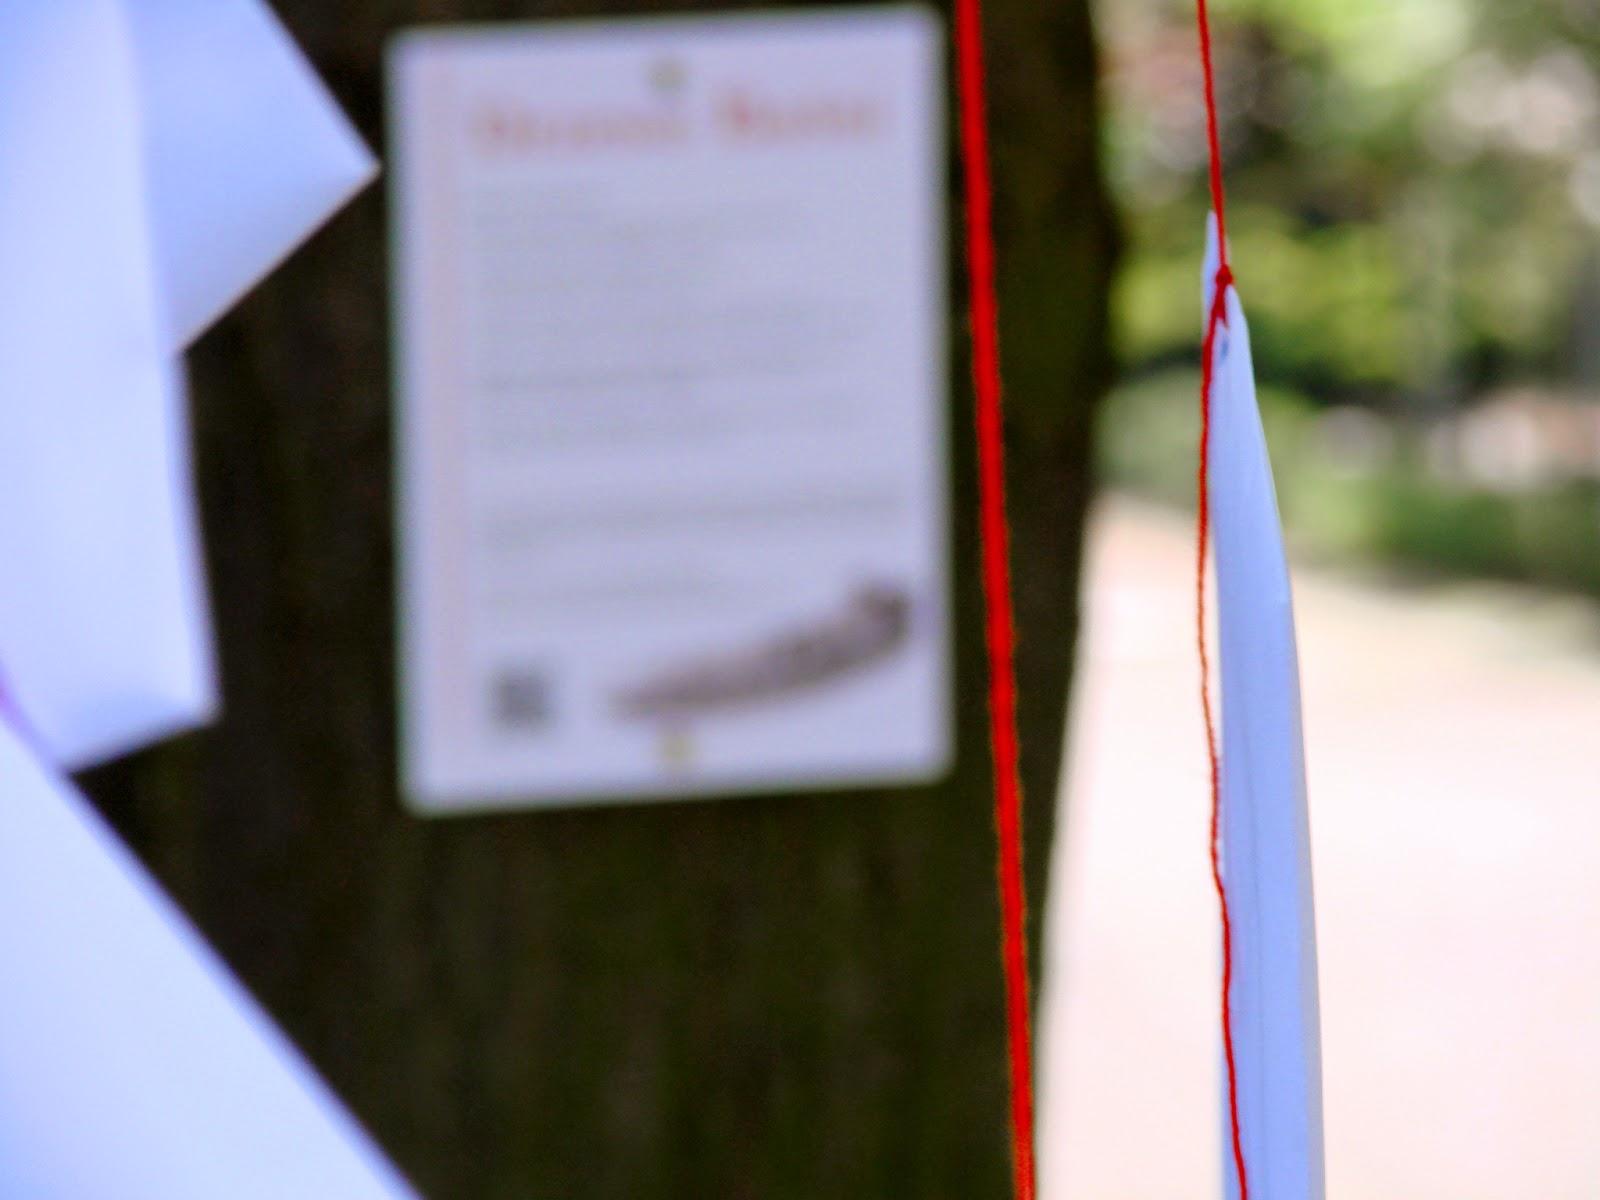 Drzewo Baśni, Arteterpia, Konferencaj Areteterapia chorzów, Baśnie i drzewa, Drzewa w baśniach, Baśnie na Warsztacie, Mateusz Świstak, Fabryka Kreatywności